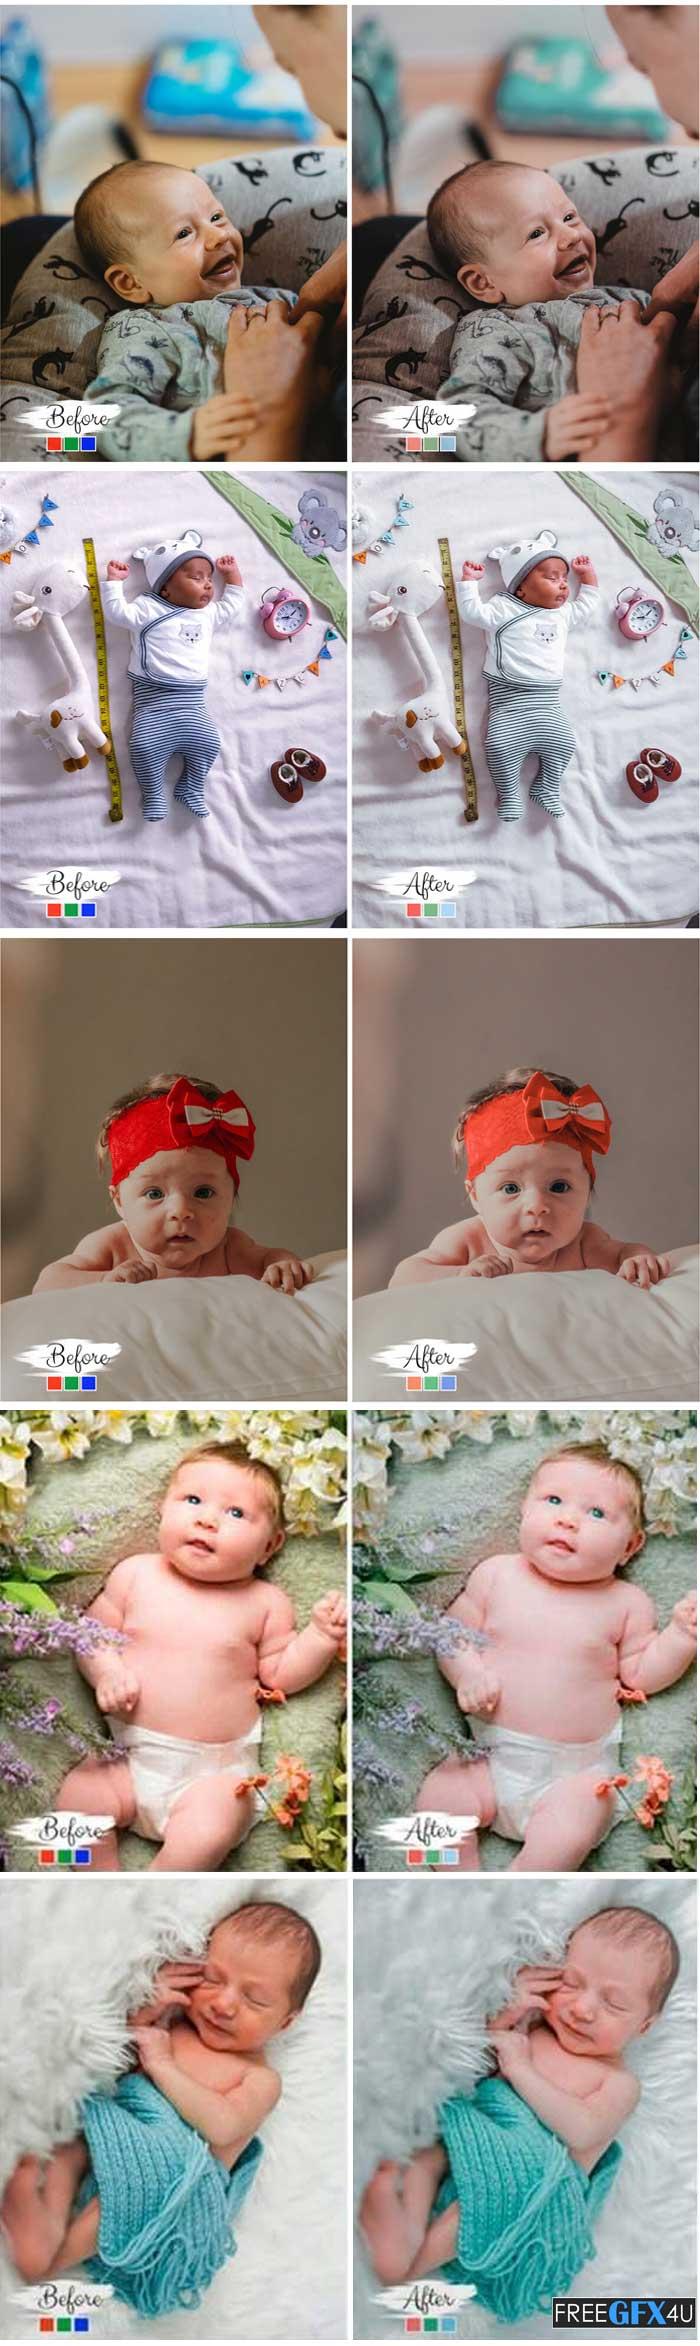 10 Photoshop Actions ACR Little Wonder